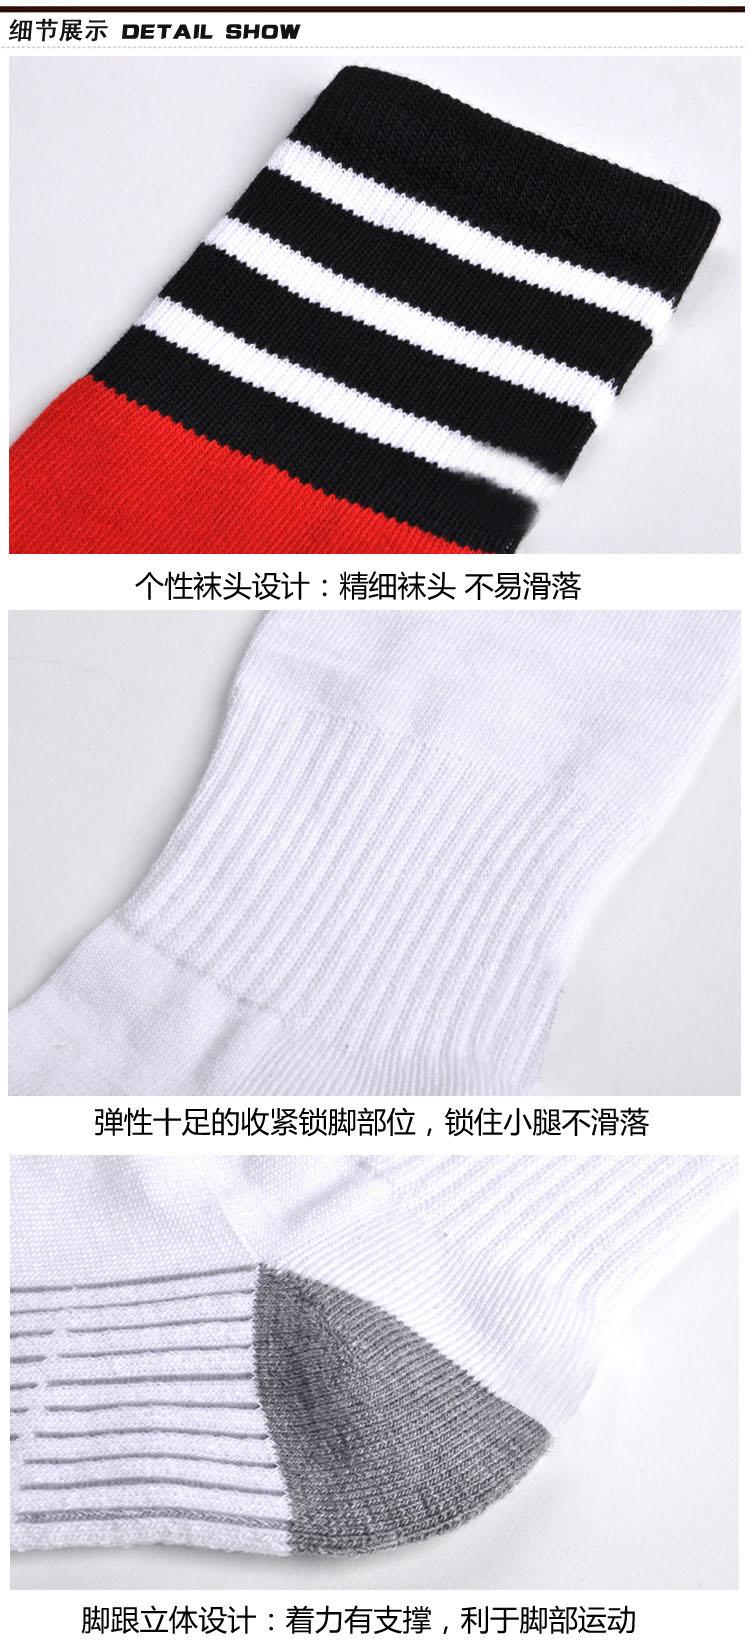 men football socks high quality 100 cotton antiskid soccer socks detail 5